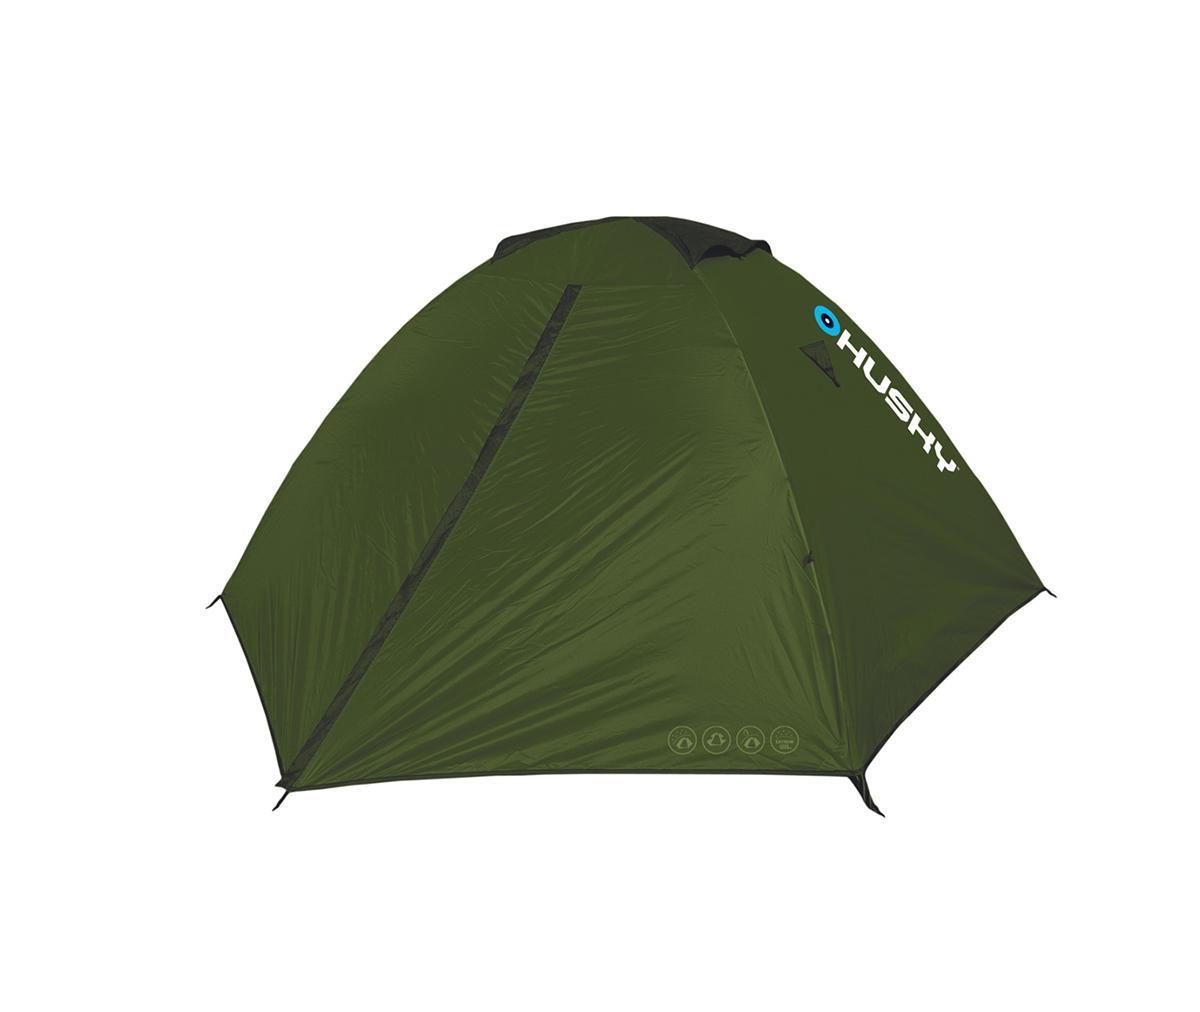 Палатка Husky Sawaj 2, цвет: зеленыйУТ-000052271Sawaj Ultra 2, третья в серии просиликоненных палаток. Ее основным преимуществом является малый вес. Вес 1,6 был достигнут благодаря ультралегким материалам, которые использовались, аксессуарам и дюралюминиевой конструкции. Внешний тент просиликоненный с обеих сторон. Эта палатка предназначен для всех мероприятий, где каждый грамм имеет важное значение. Имеет ультрафиолетовую защиту. Размер внешней палатки: 120 x 225 x 210 см. Размер внутренней палатки: 120 x 210 x 145 см. Характеристики: Размер палатки: 210 см х 120 см х 225 см. Материал внешнего тента: полиэстер RIPSTOP 280Т. Материал внутреннего тента: дышащий нейлон 190Т, противомоскитные сетки. Материал пола: полиэстер 190Т. Вес: 2200 г. Производитель: Чехия. Изготовитель: Китай. Артикул: Sawaj 2. Уважаемые клиенты! Обращаем ваше внимание на цвет изделия. Цветовой вариант служит для визуального восприятия товара. Цветовая гамма данного...